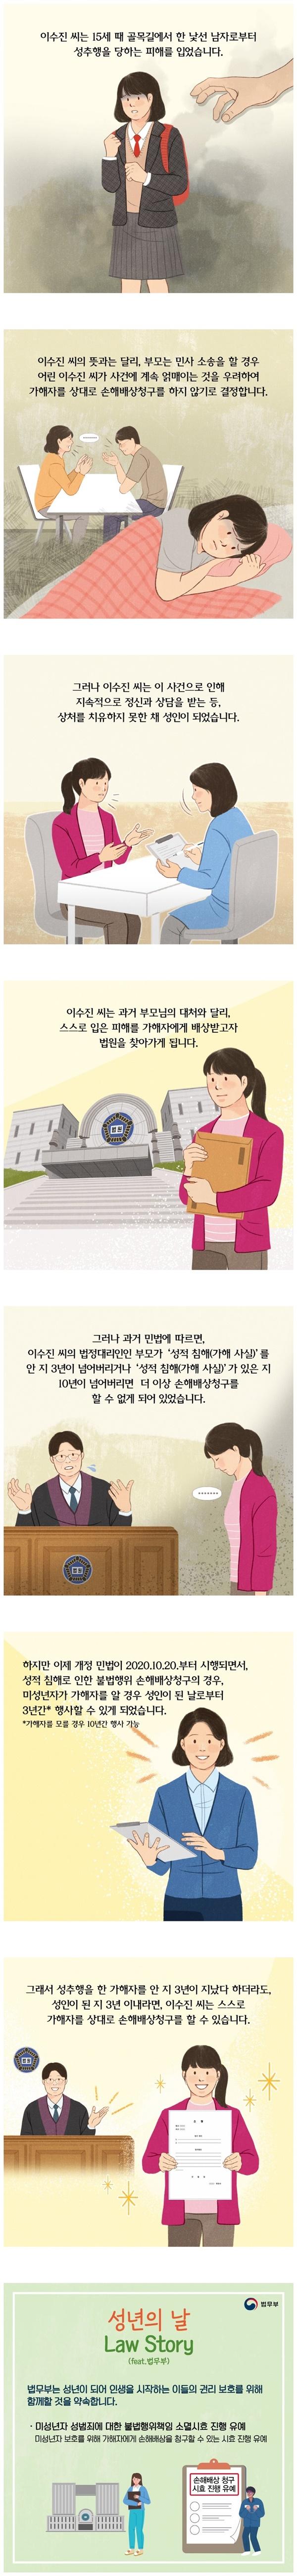 [웹툰] Law Story - 성년의 날 편